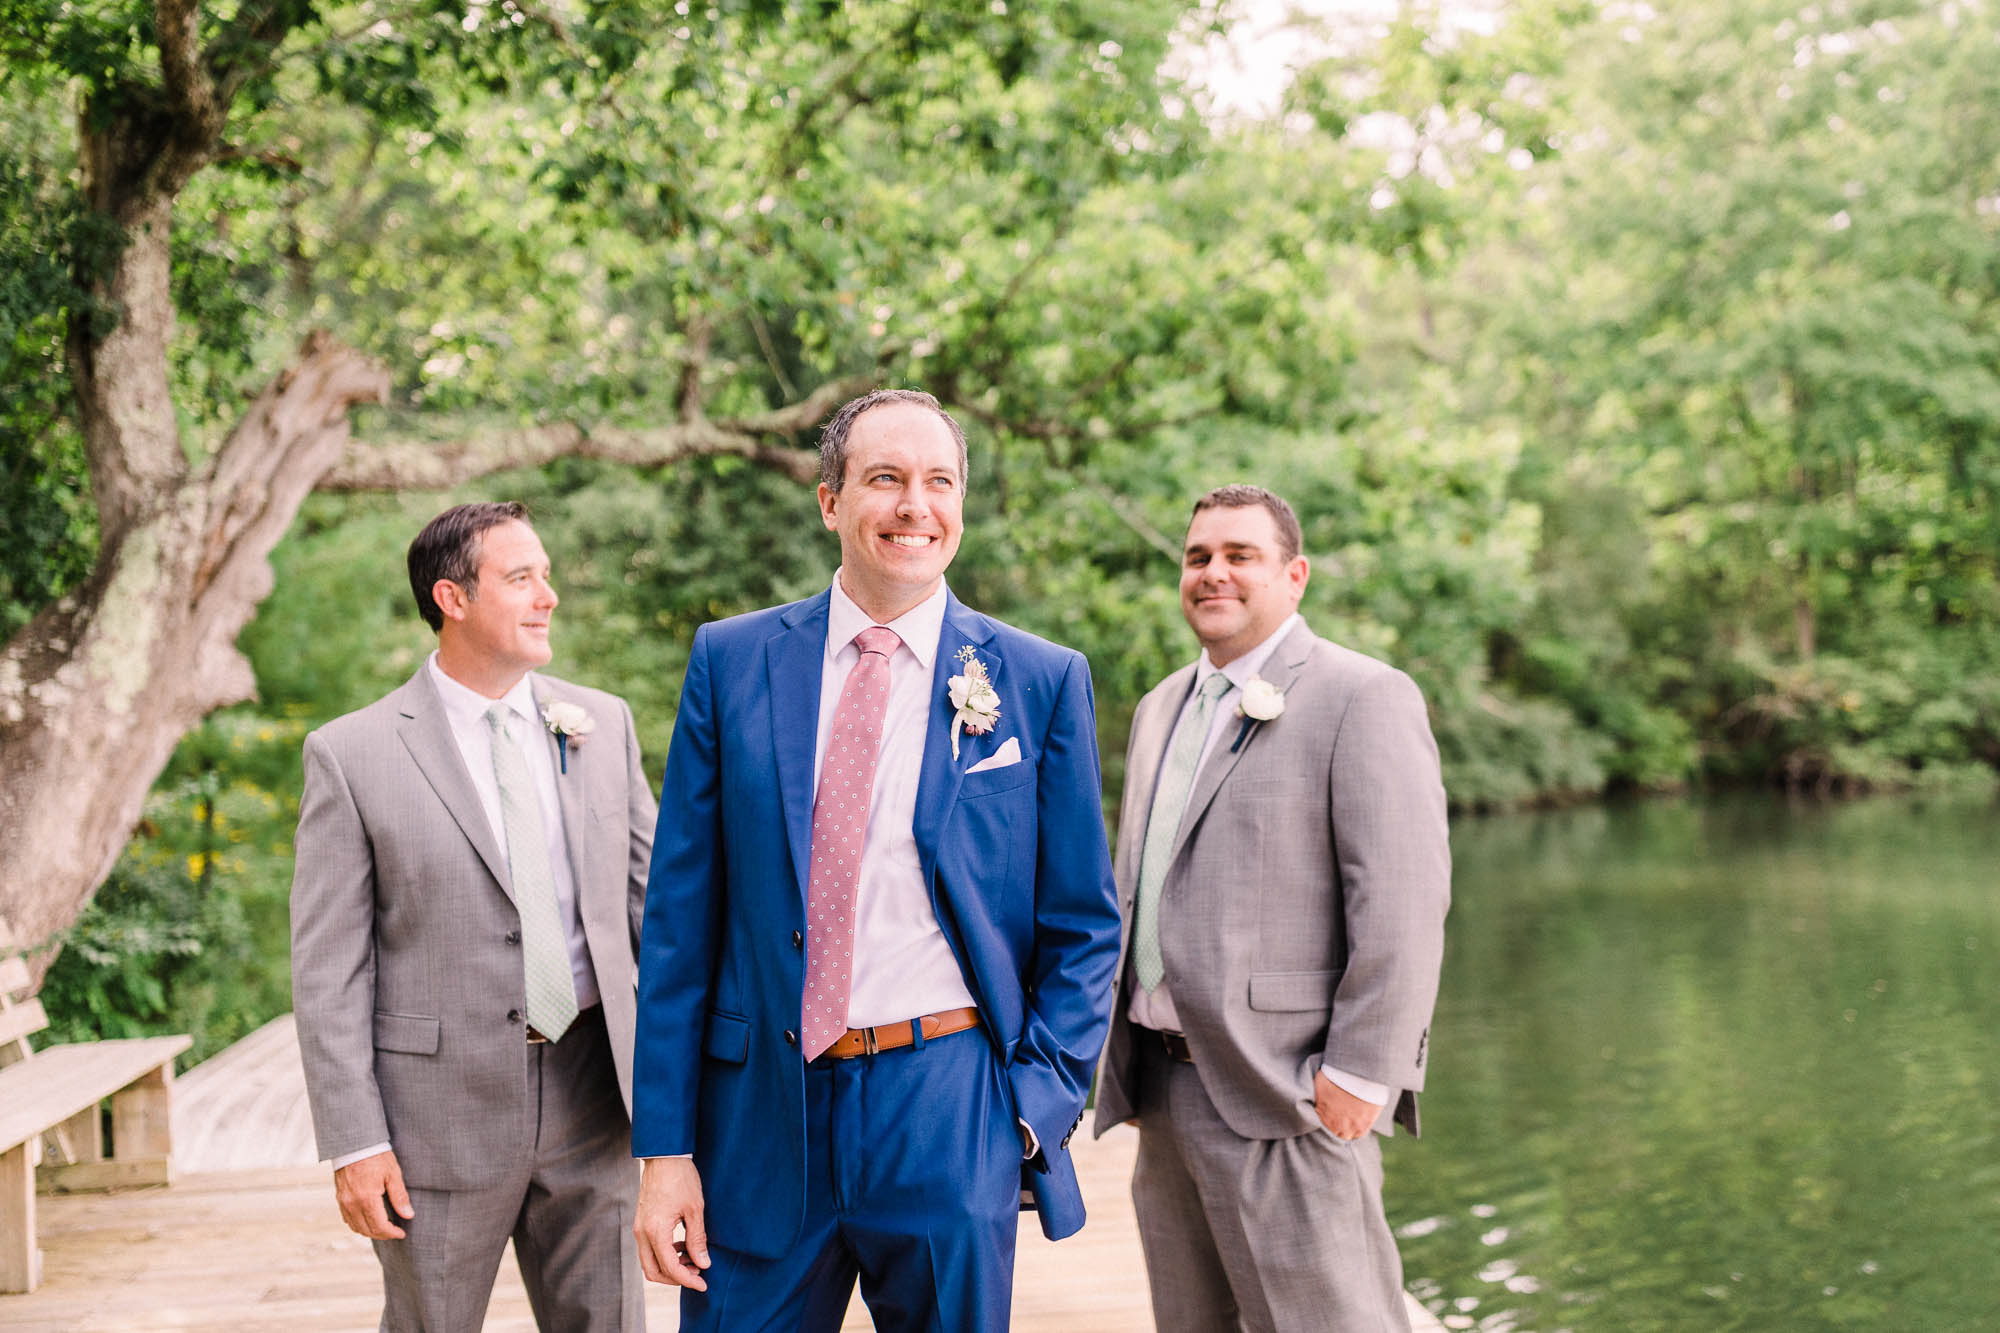 lake-wesauking-wedding-4554.jpg